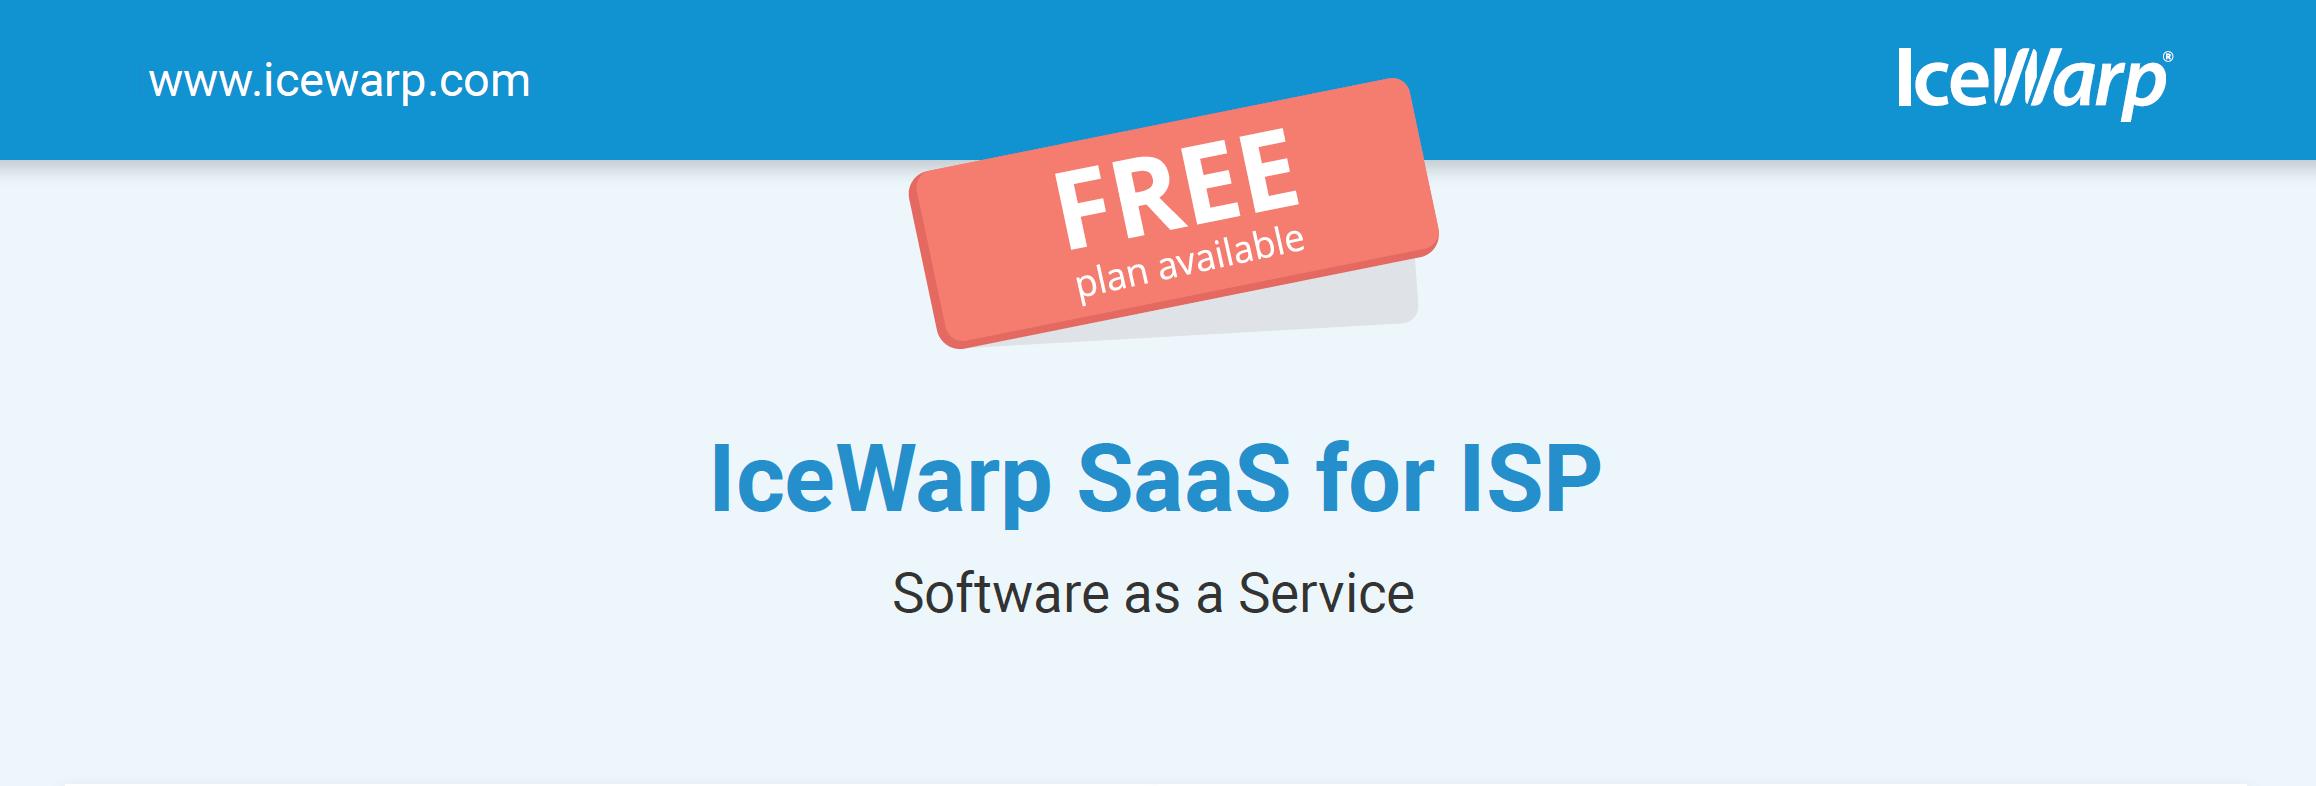 IceWarp ISP SaaS